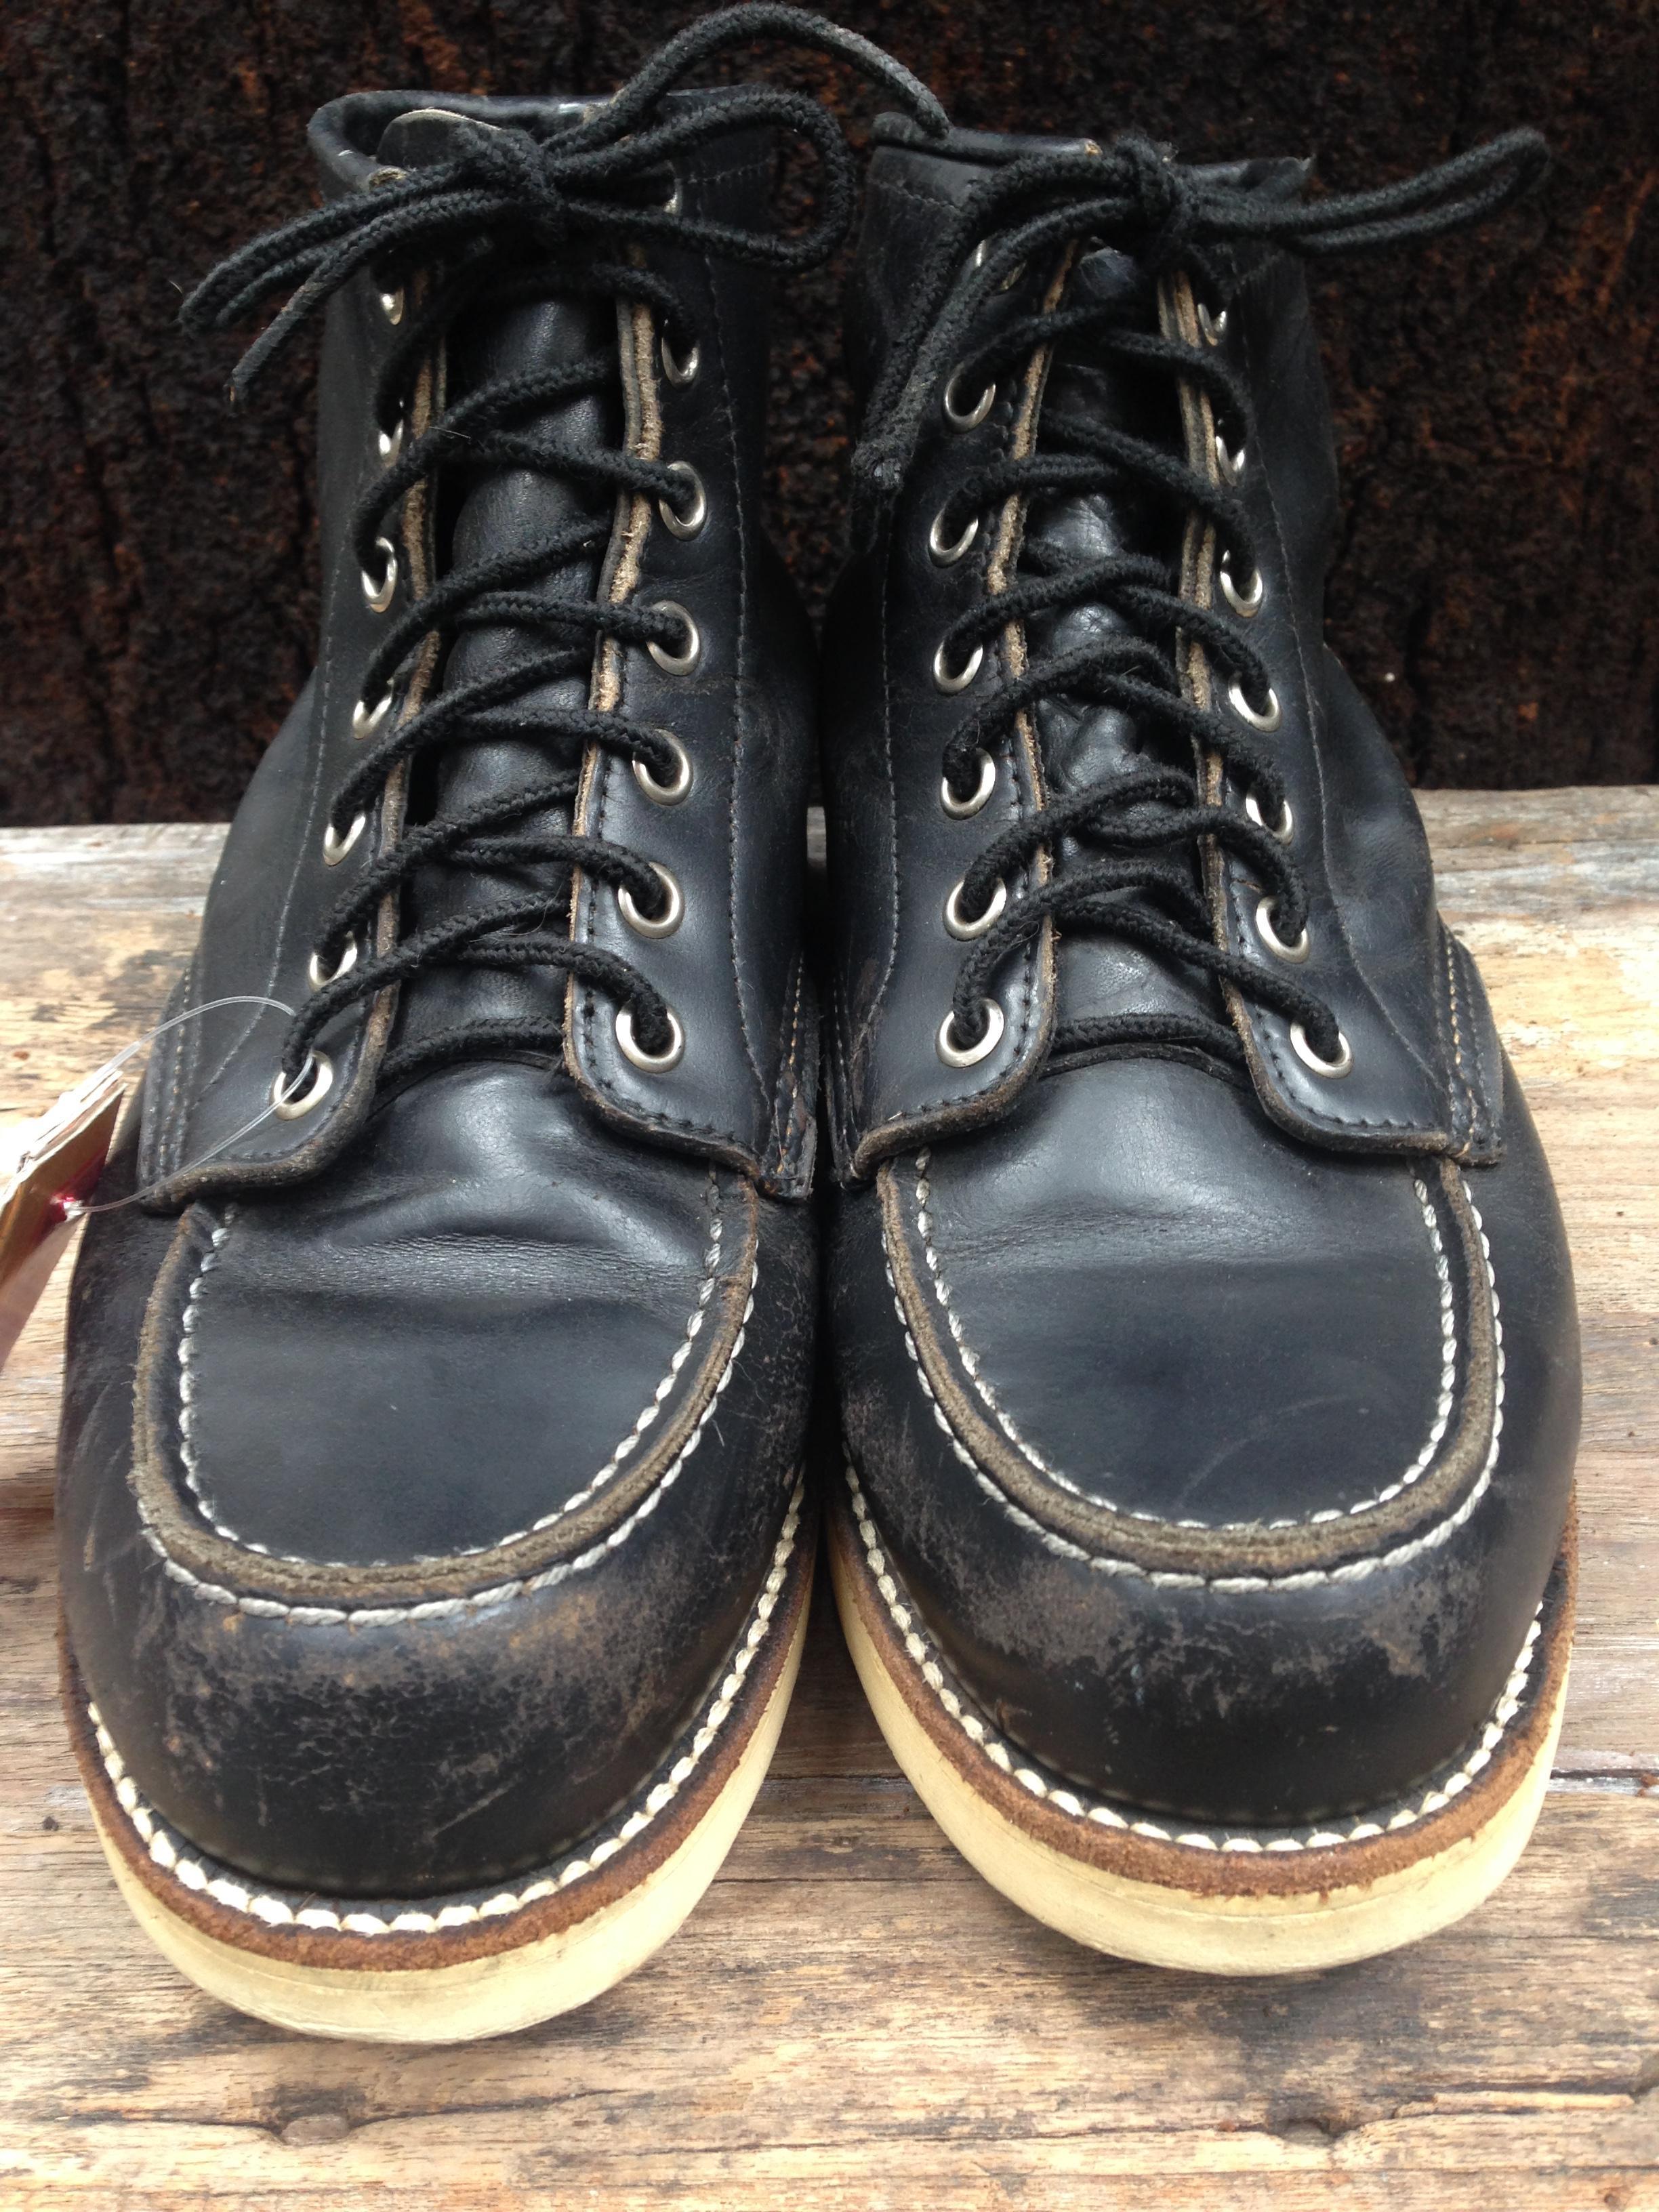 *1.รองเท้า RED WING 8179เบอร์ 6E ราคา 2800*